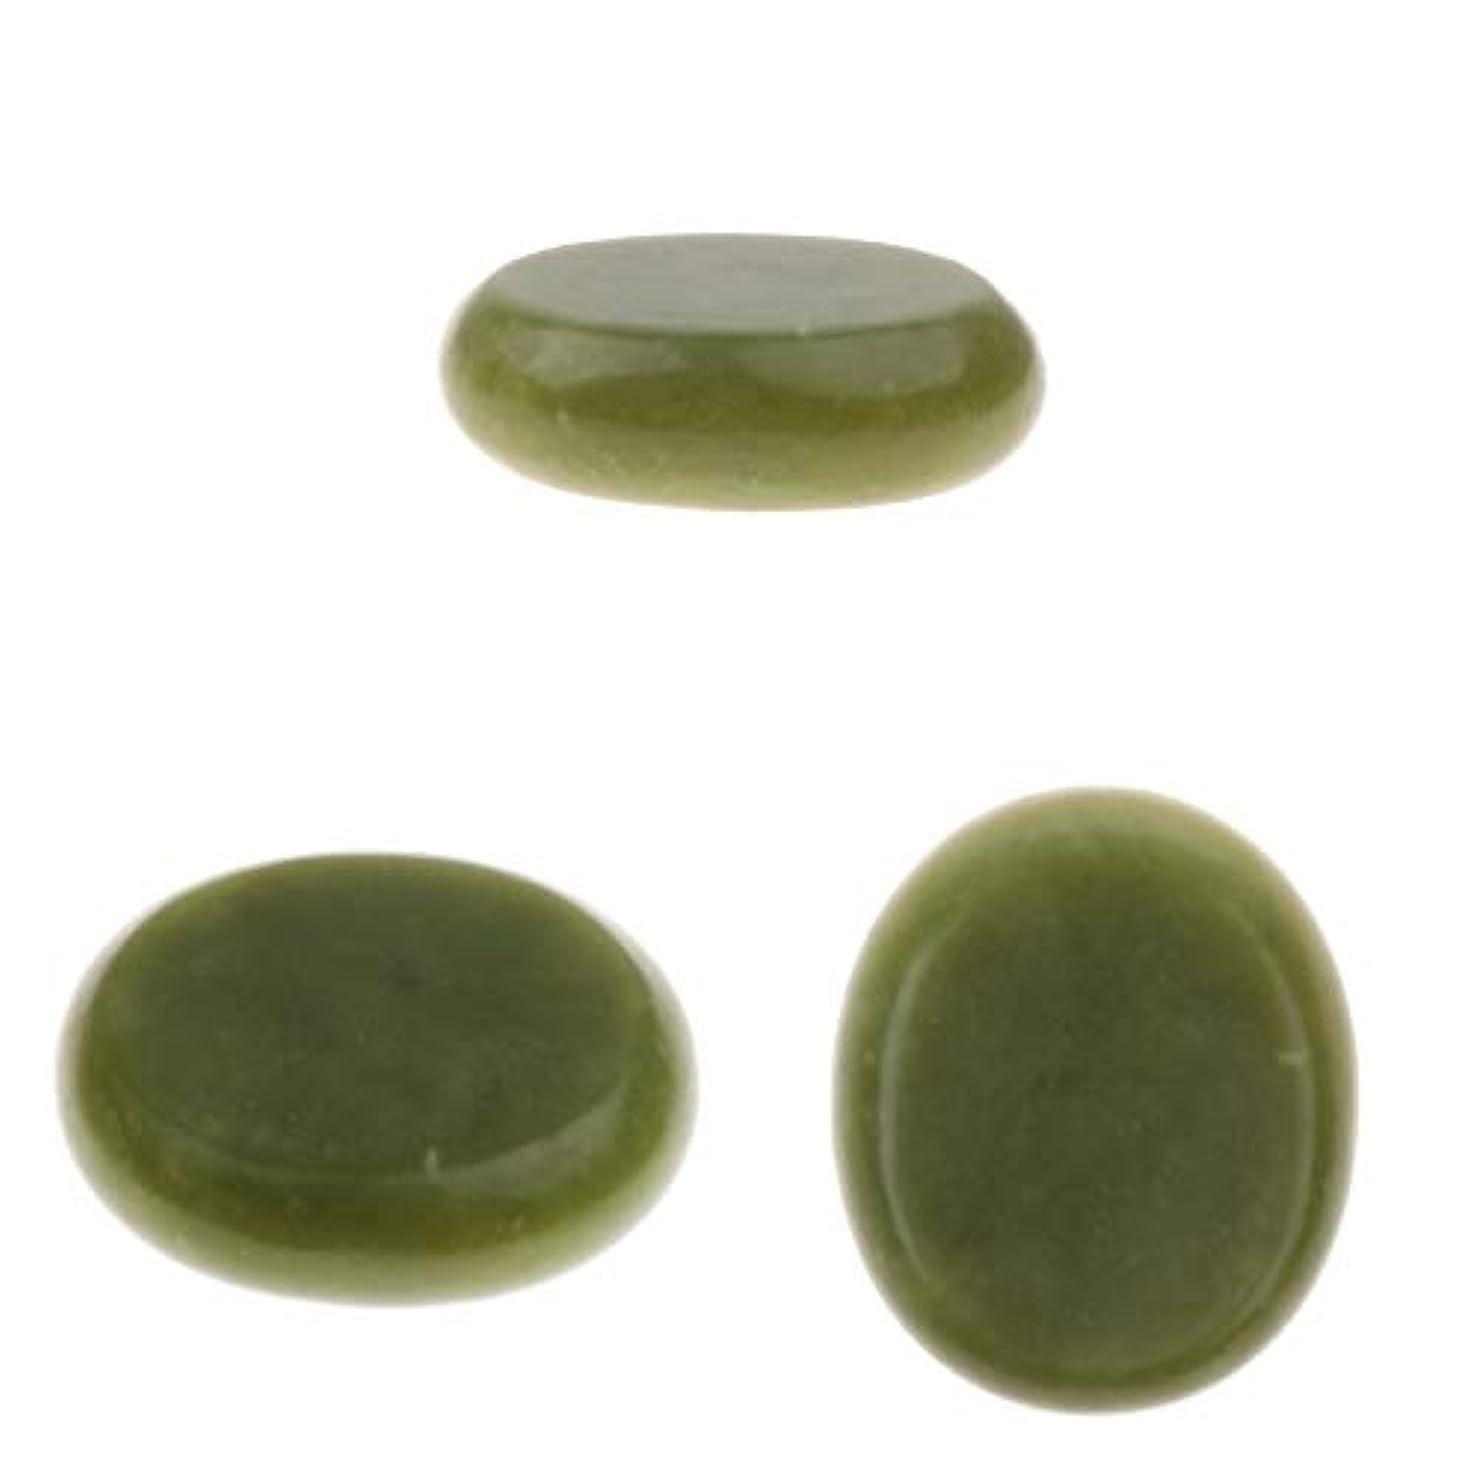 完璧唇振り子sharprepublic 3ピース/個滑らかで自然なヒスイの石、ボディマッサージ、筋肉のリラックスのためのディープティッシュマッサージャー